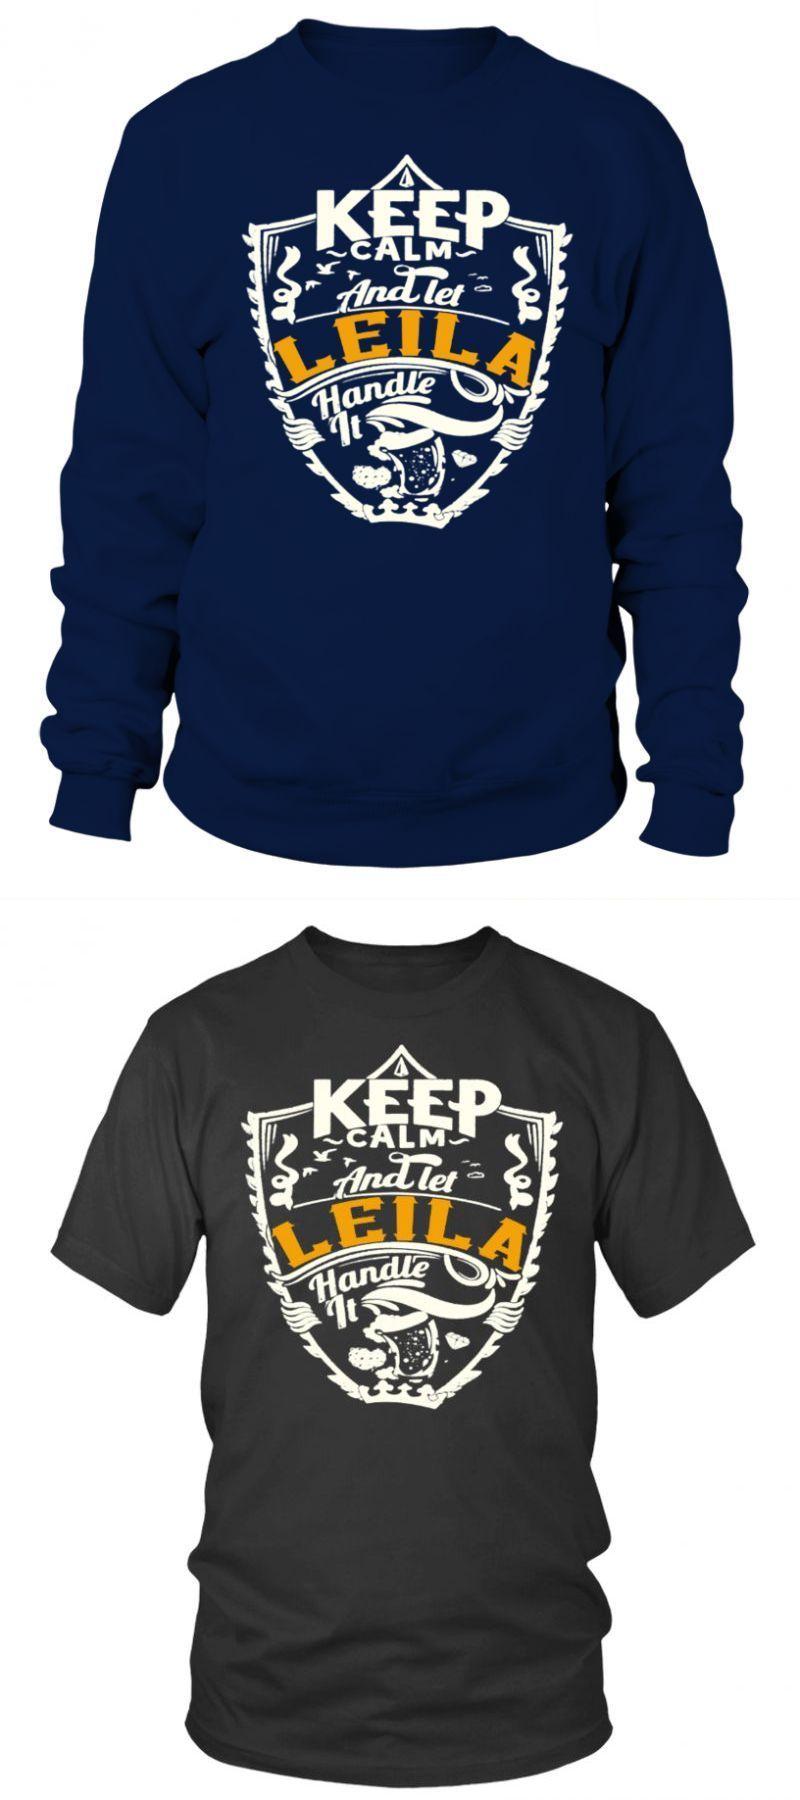 Beach Volleyball T Shirt Designs Leila Volleyball T Shirt Design